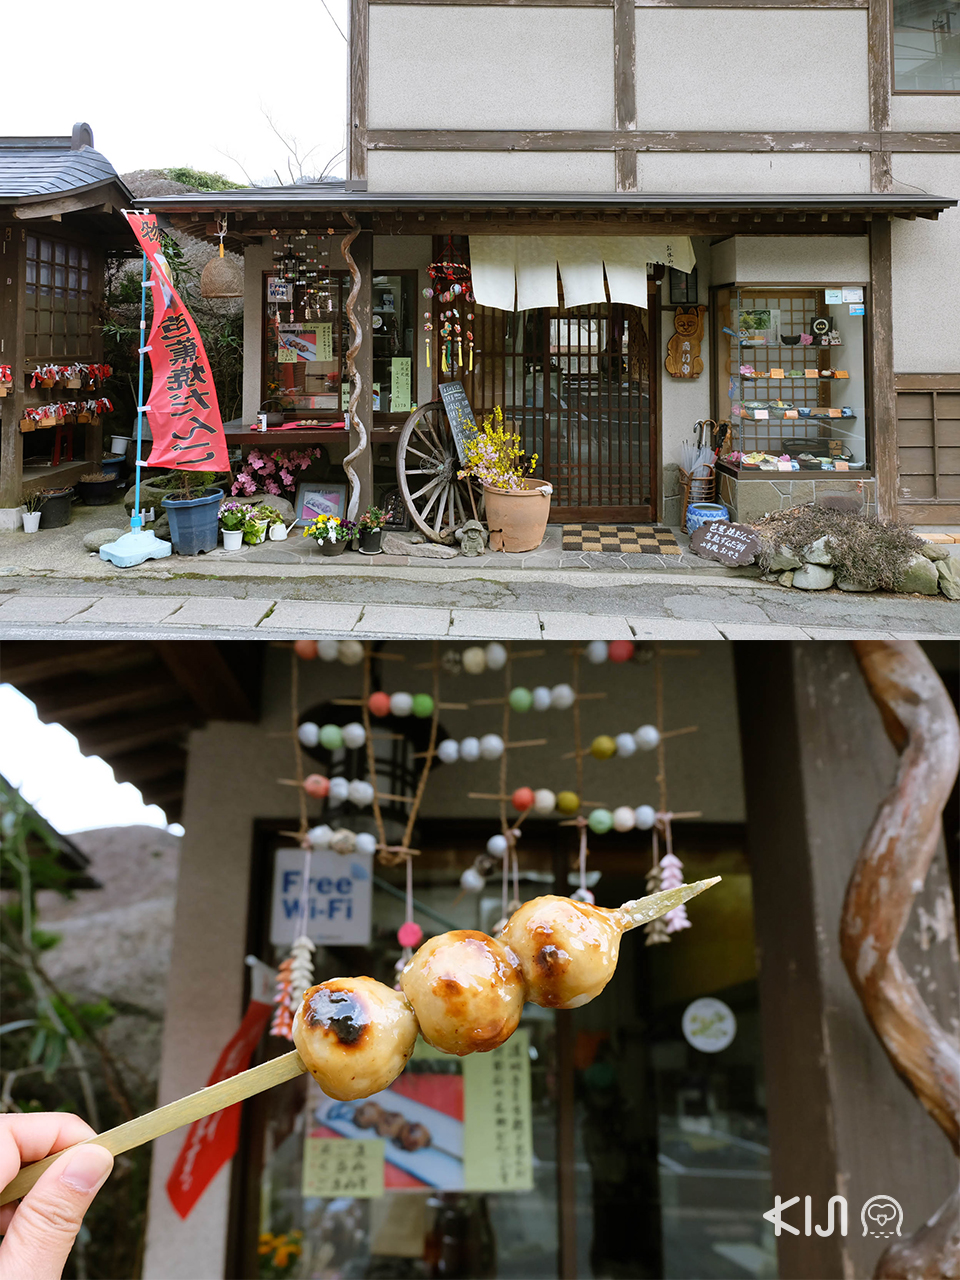 เที่ยวยามากาตะ (โยเนซาวะ และ ยามาเดระ) : Taimenseki ร้านขนมท้องถิ่น ใกล้วัดยามาเดระ (Yamadera Temple)